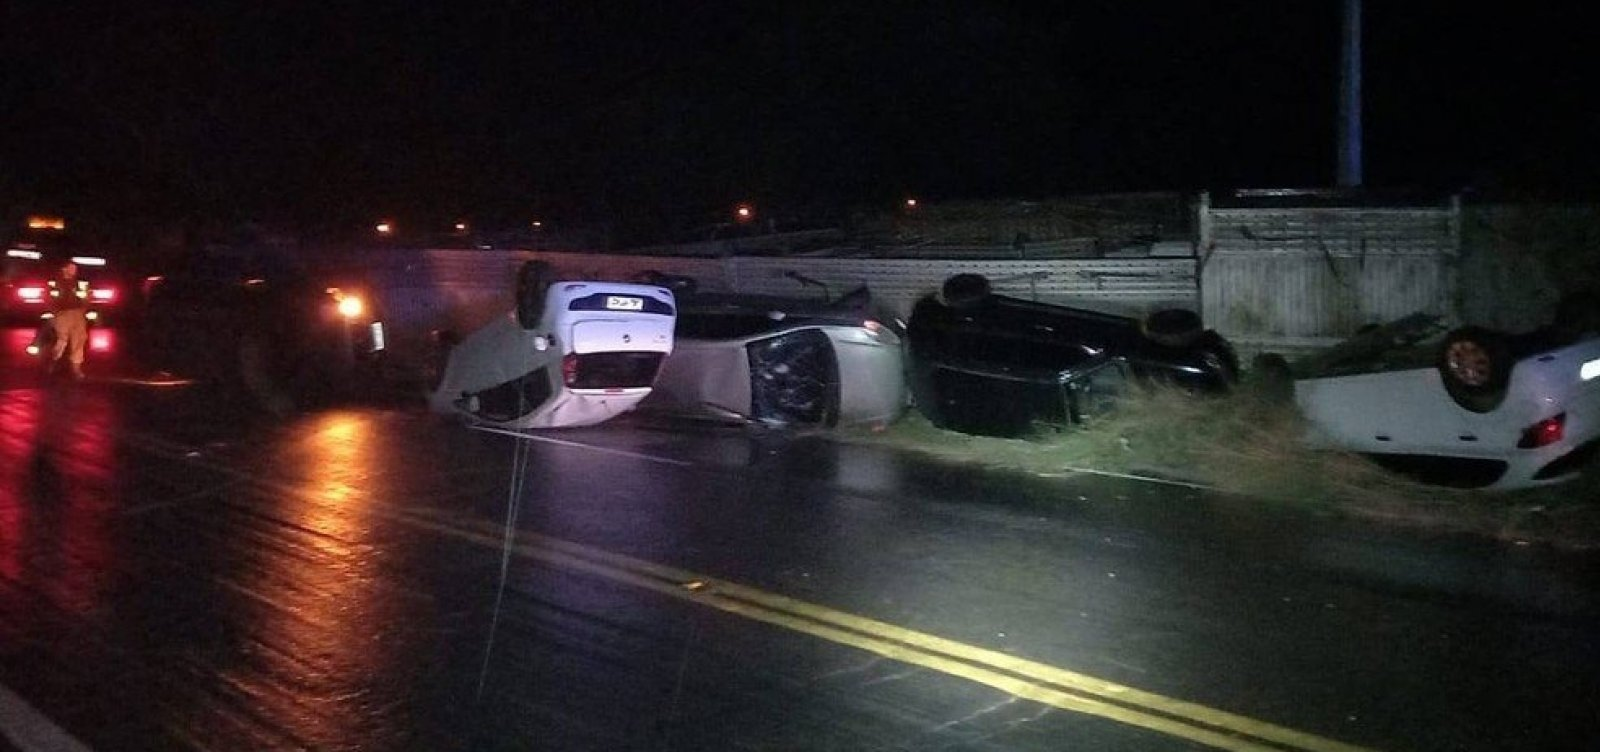 Caminhão colide com carreta, capota carros e motorista fica ferido no oeste da Bahia